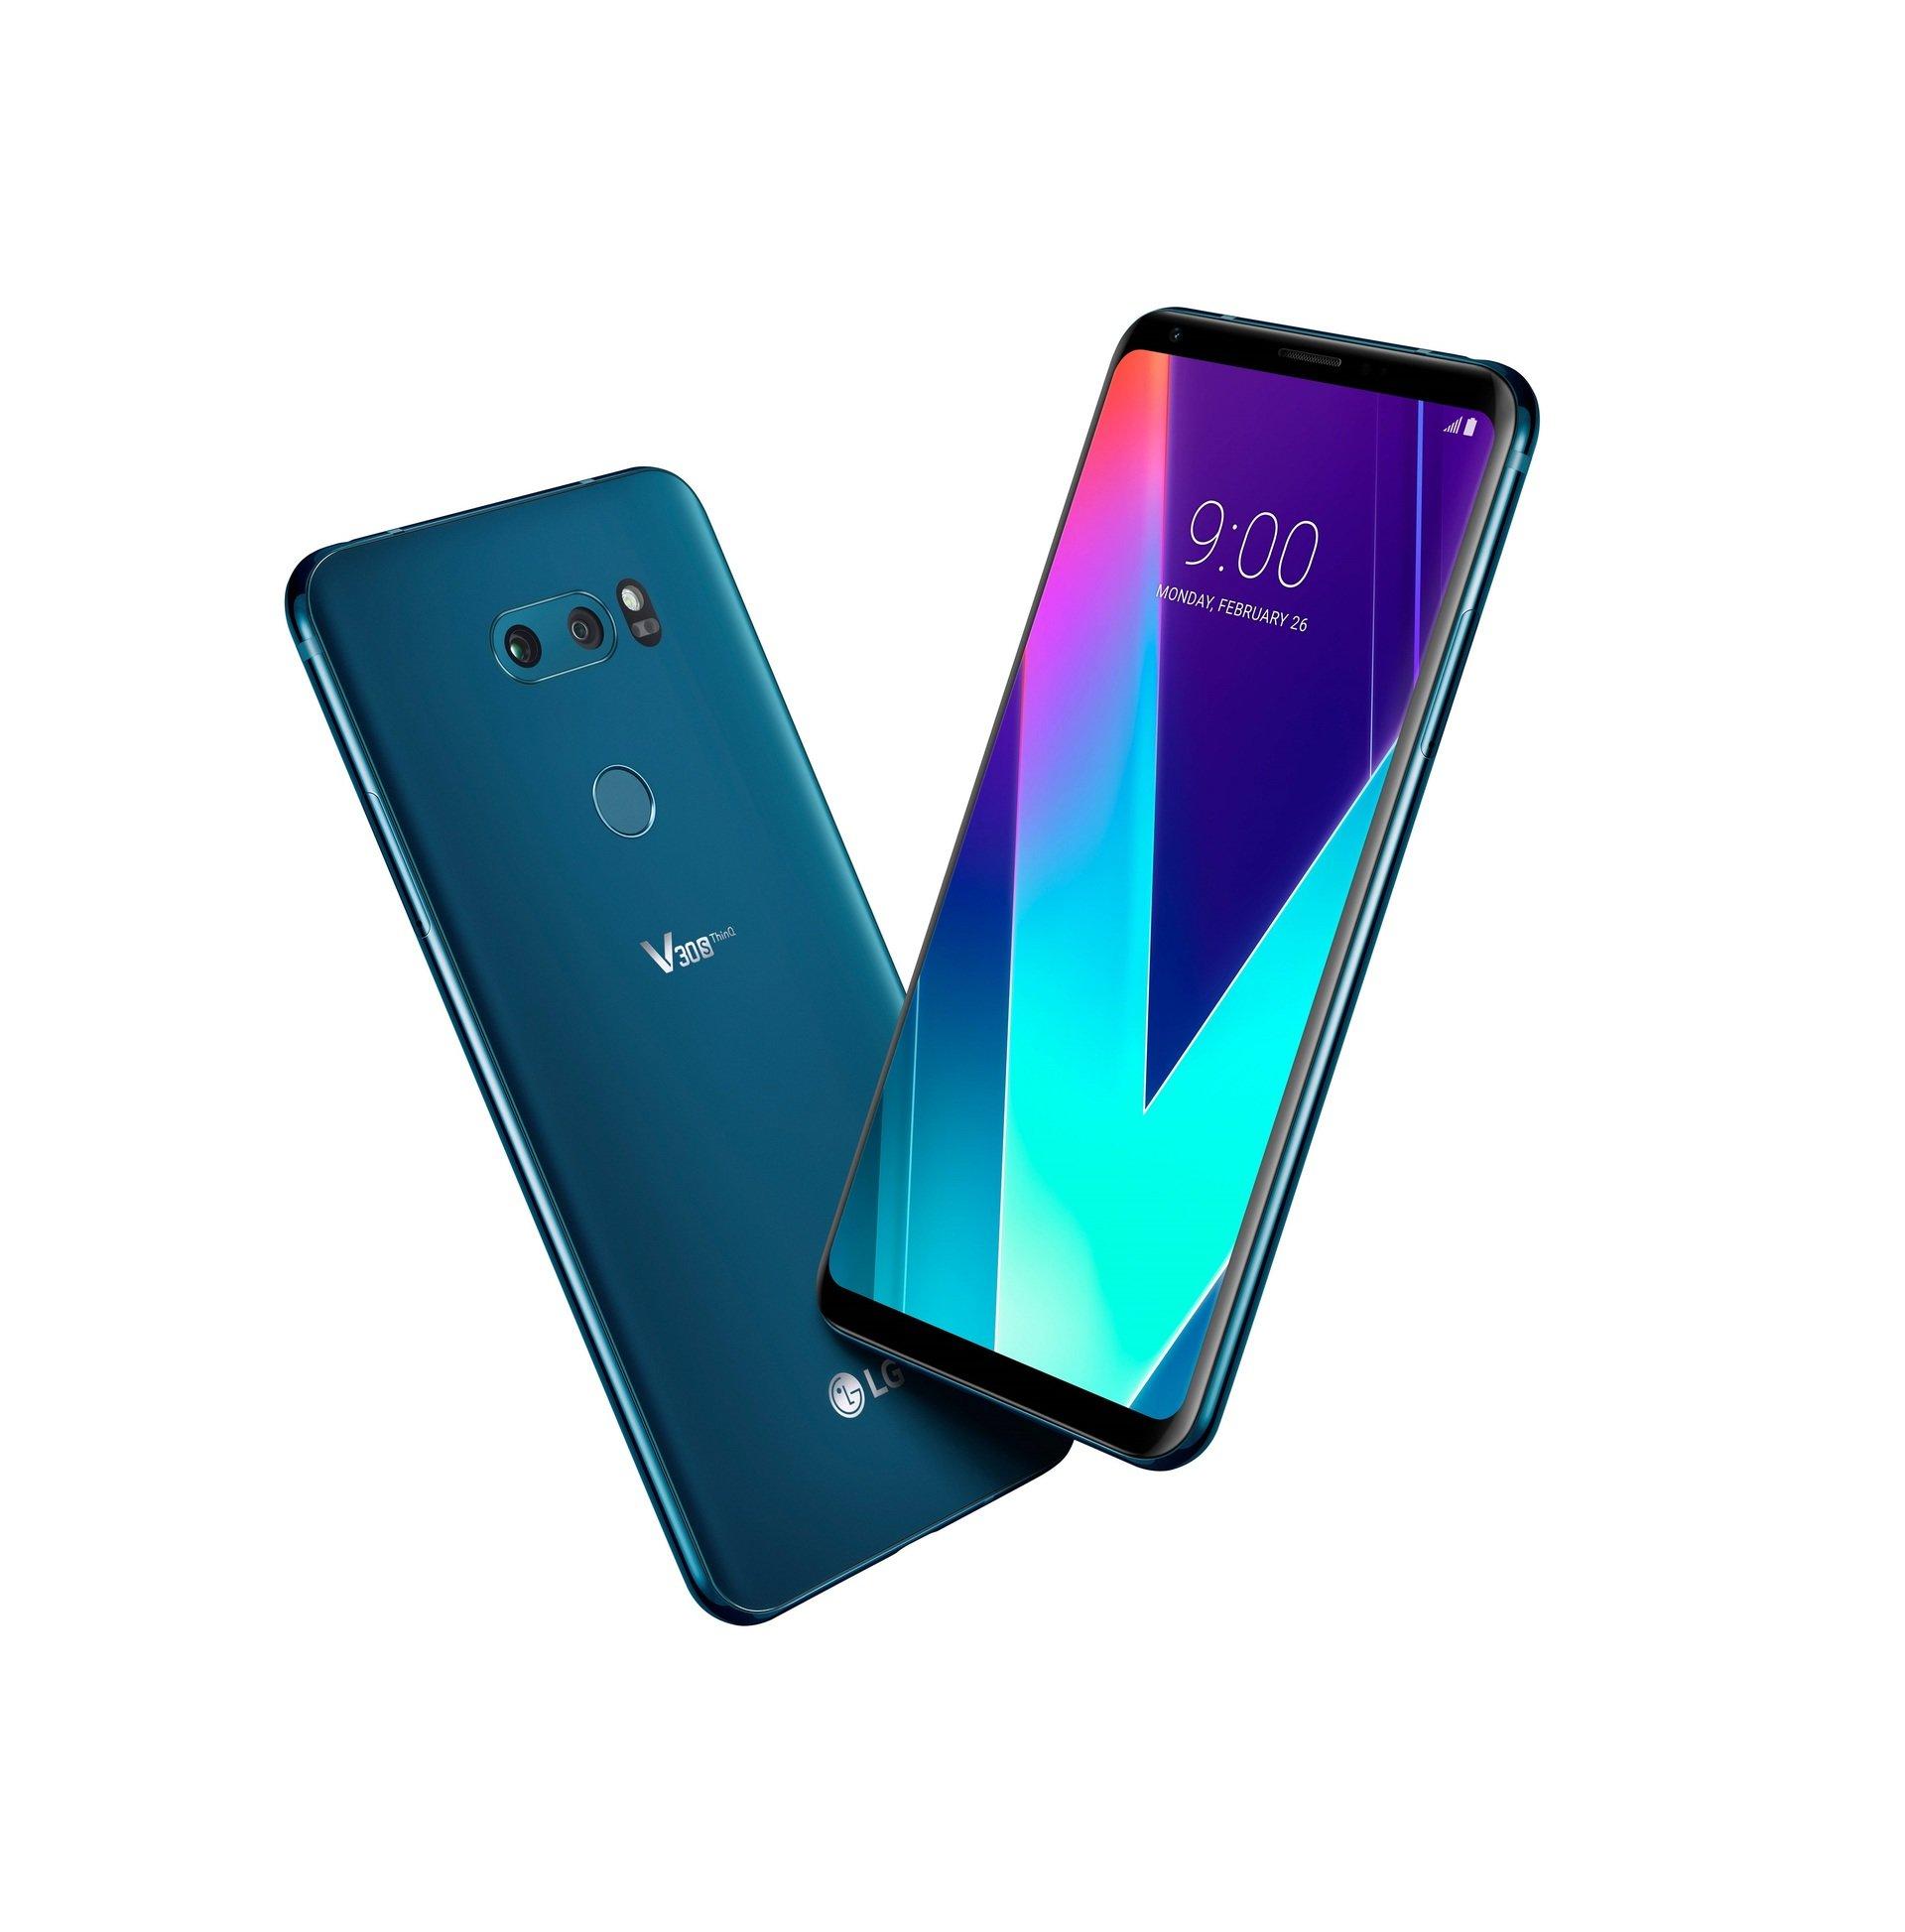 Smartfon LG V30S ThinQ z wbudowaną sztuczną inteligencją debiutuje na MWC 2018